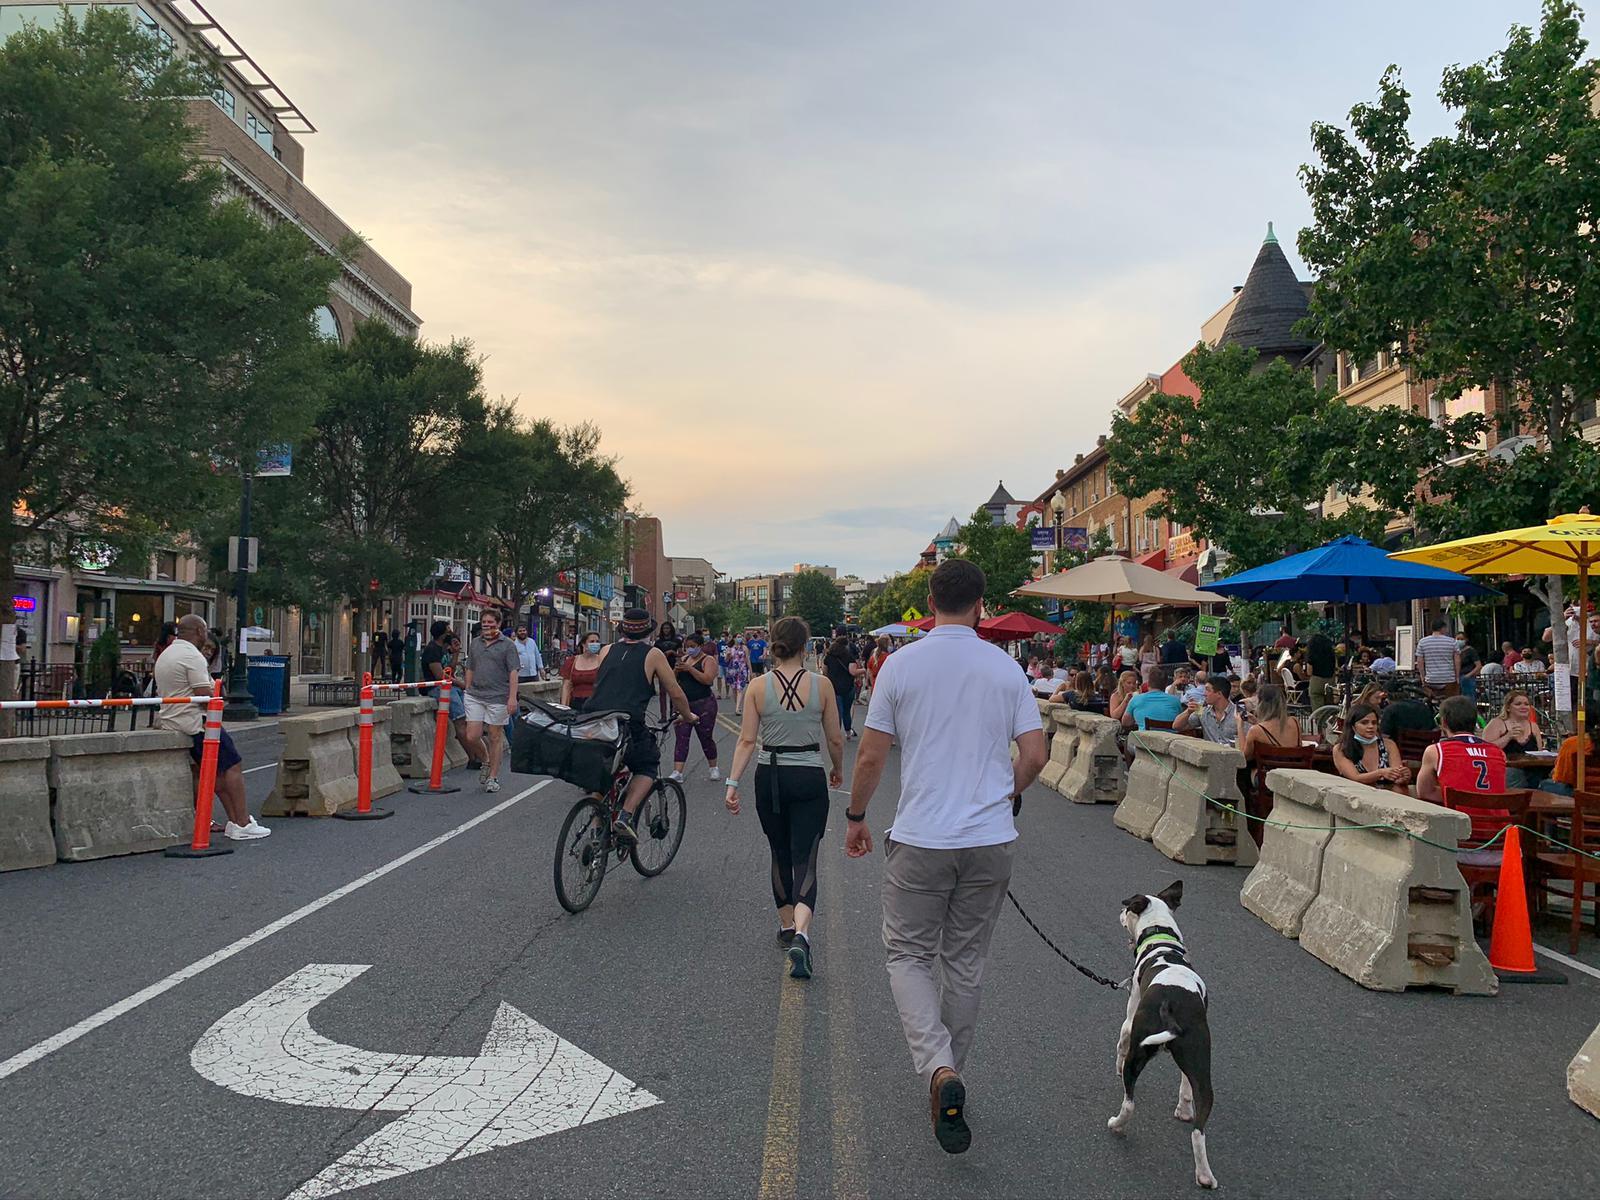 People walking dog down street alongside outdoor restaurant